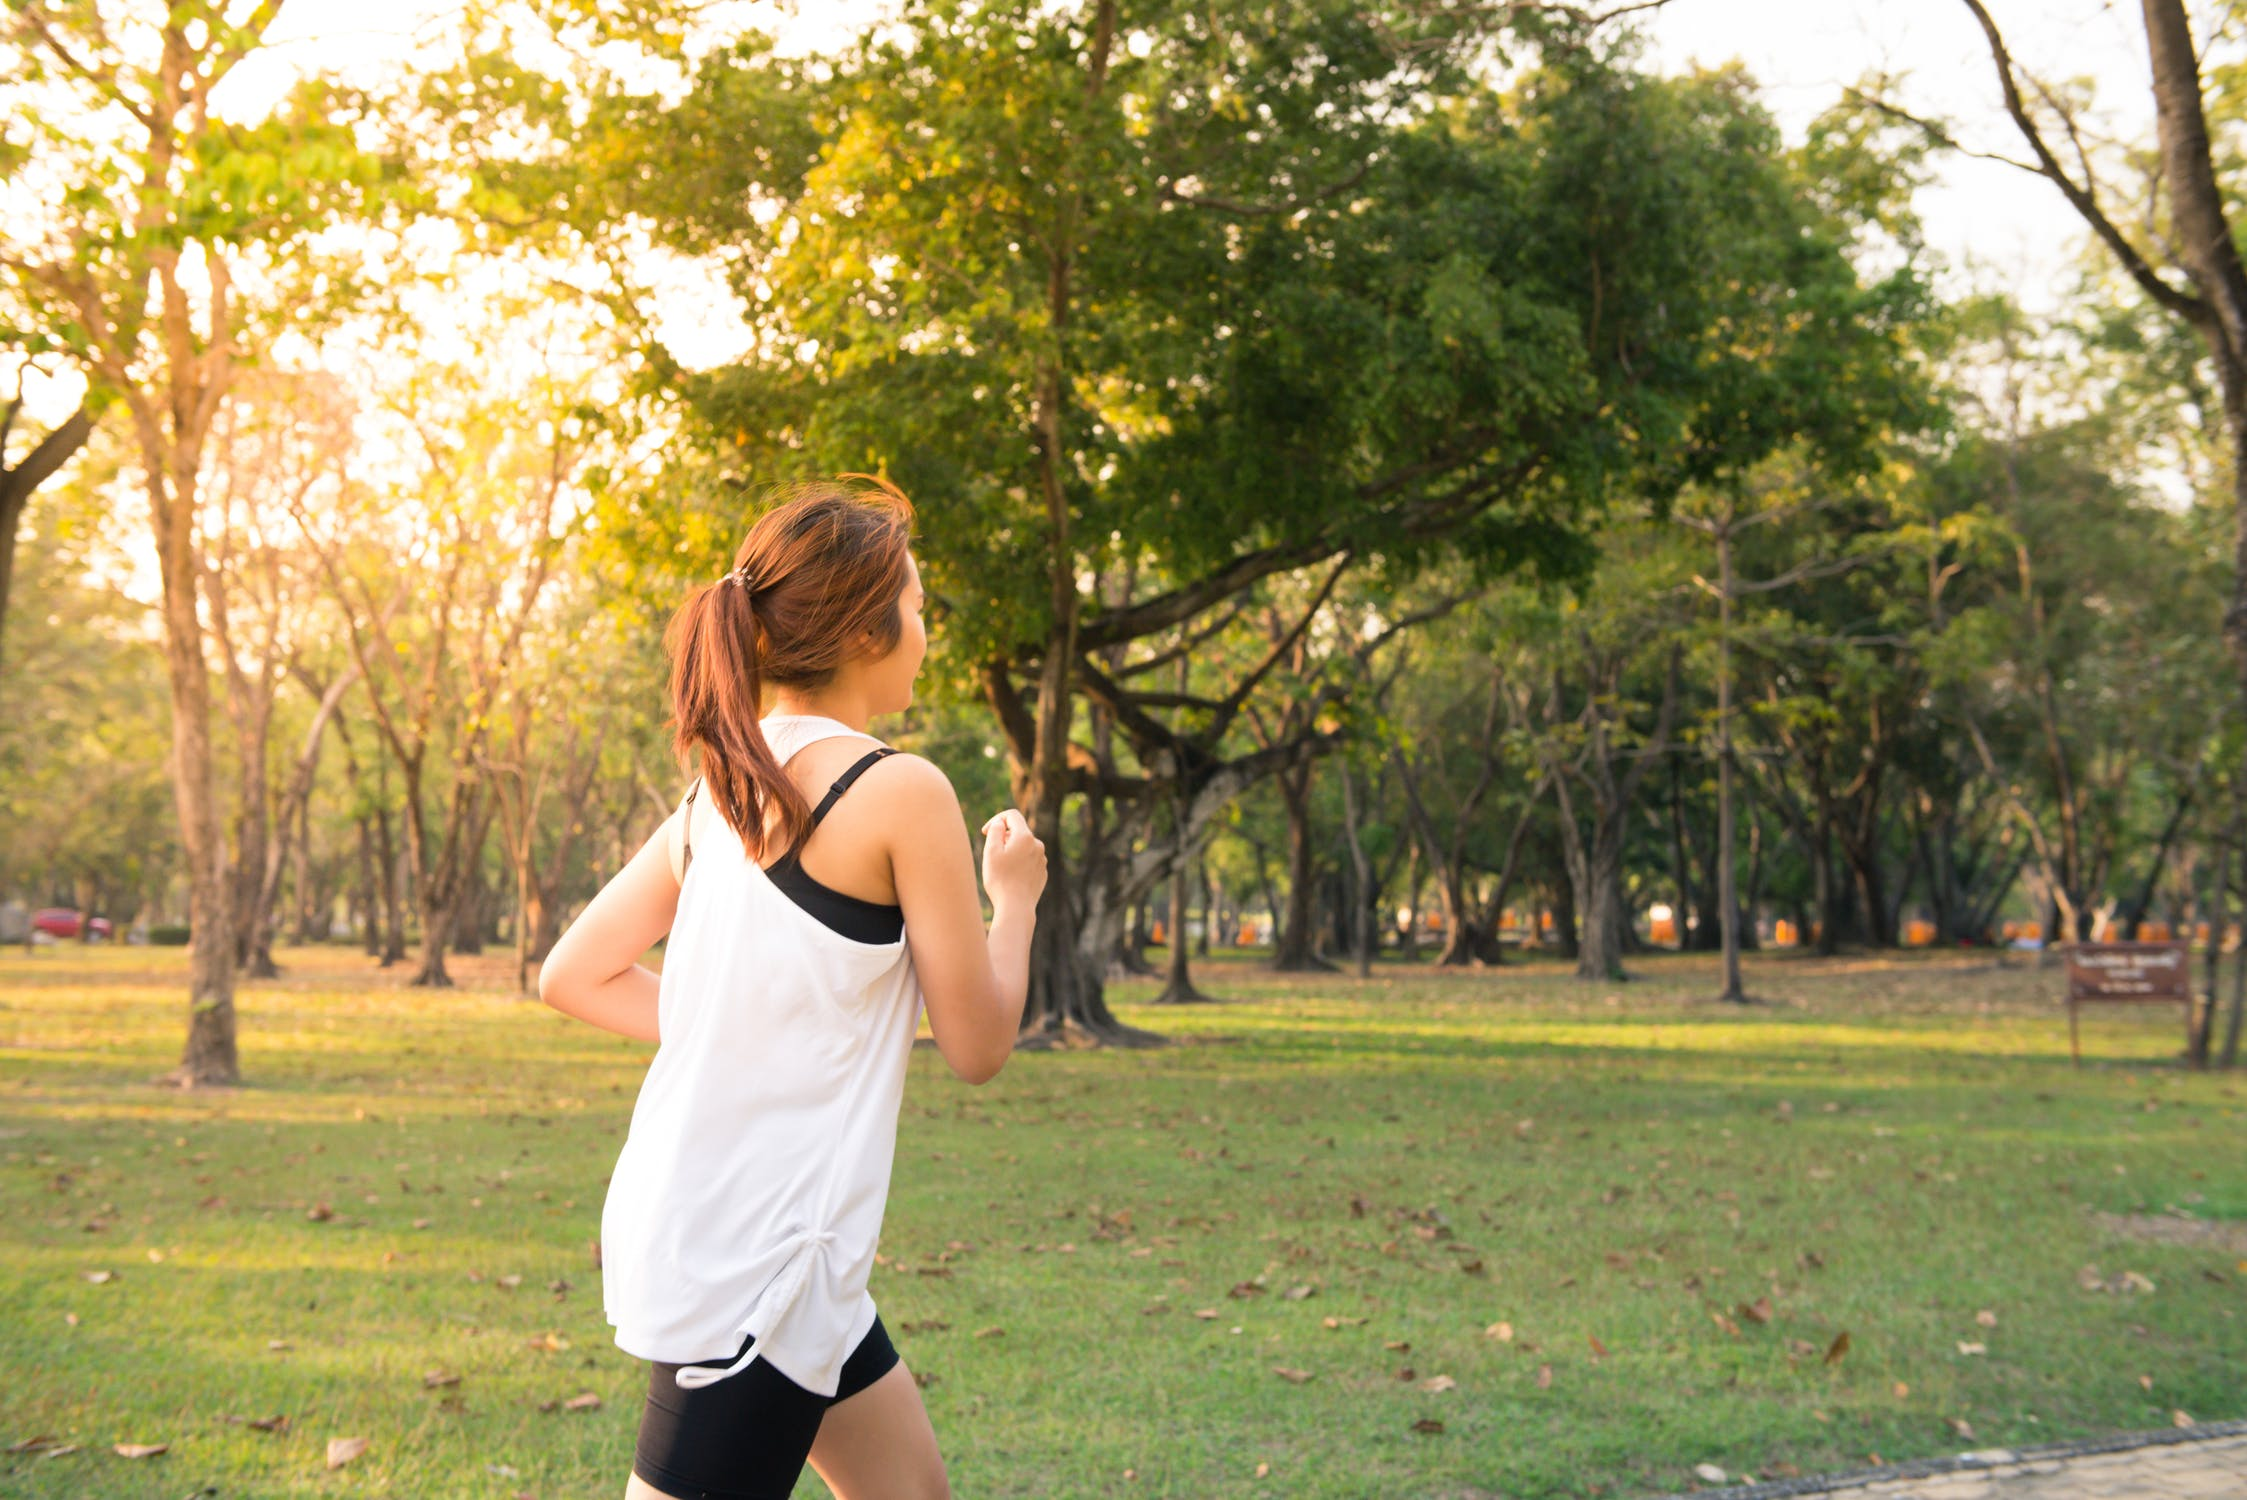 Estas son las normas para pasear o hacer ejercicio a partir del sábado 1